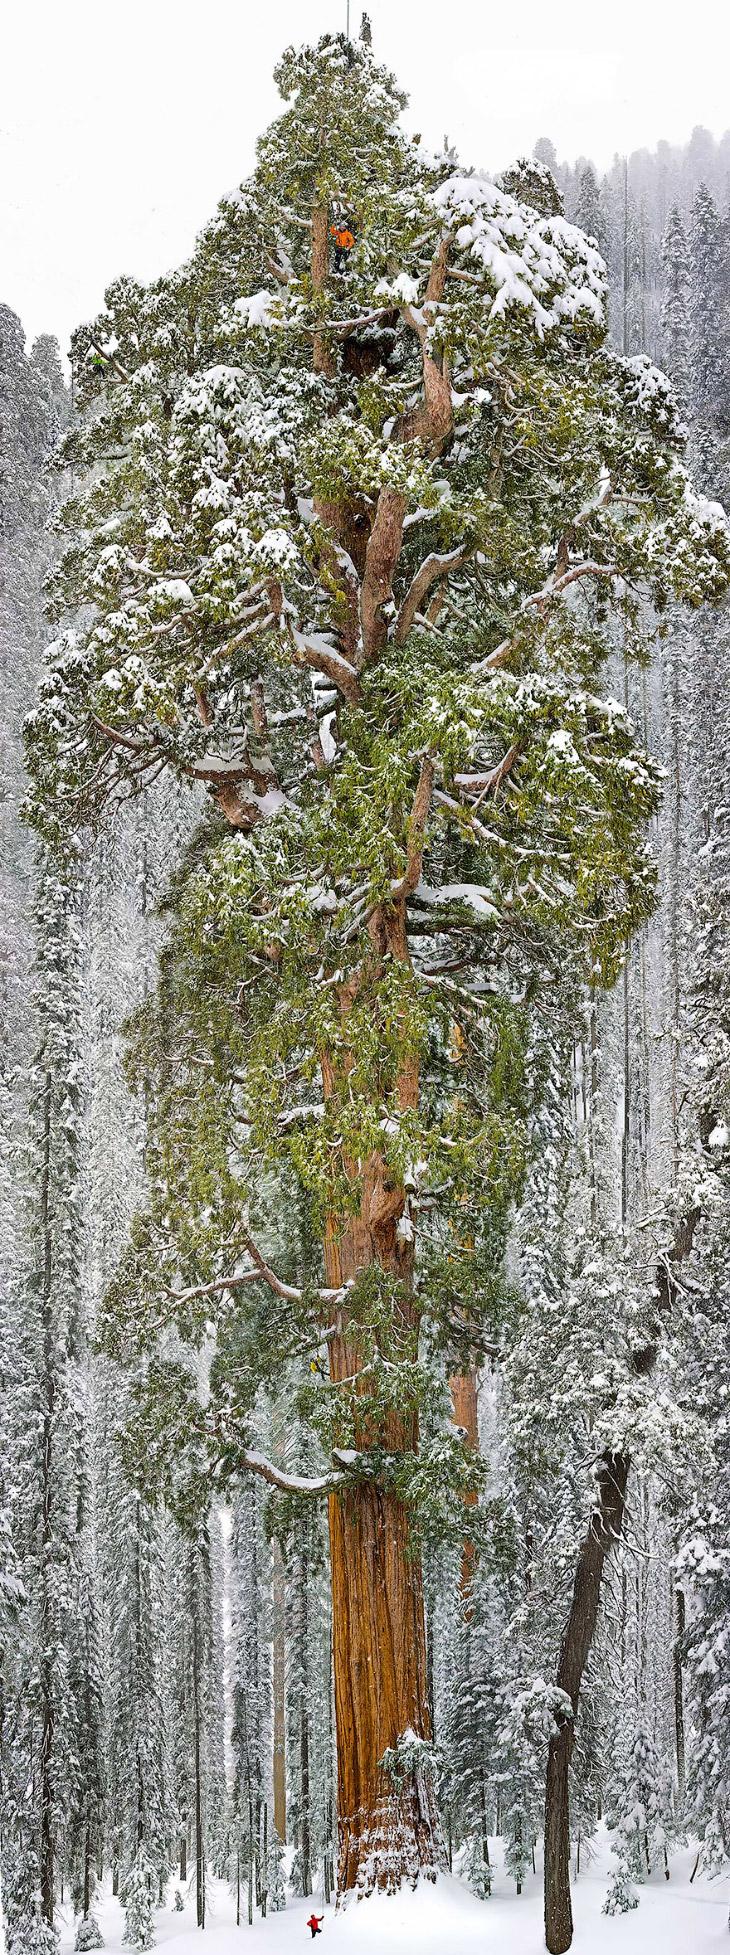 2. Лес, Австралия. (Фото Alex Wise):